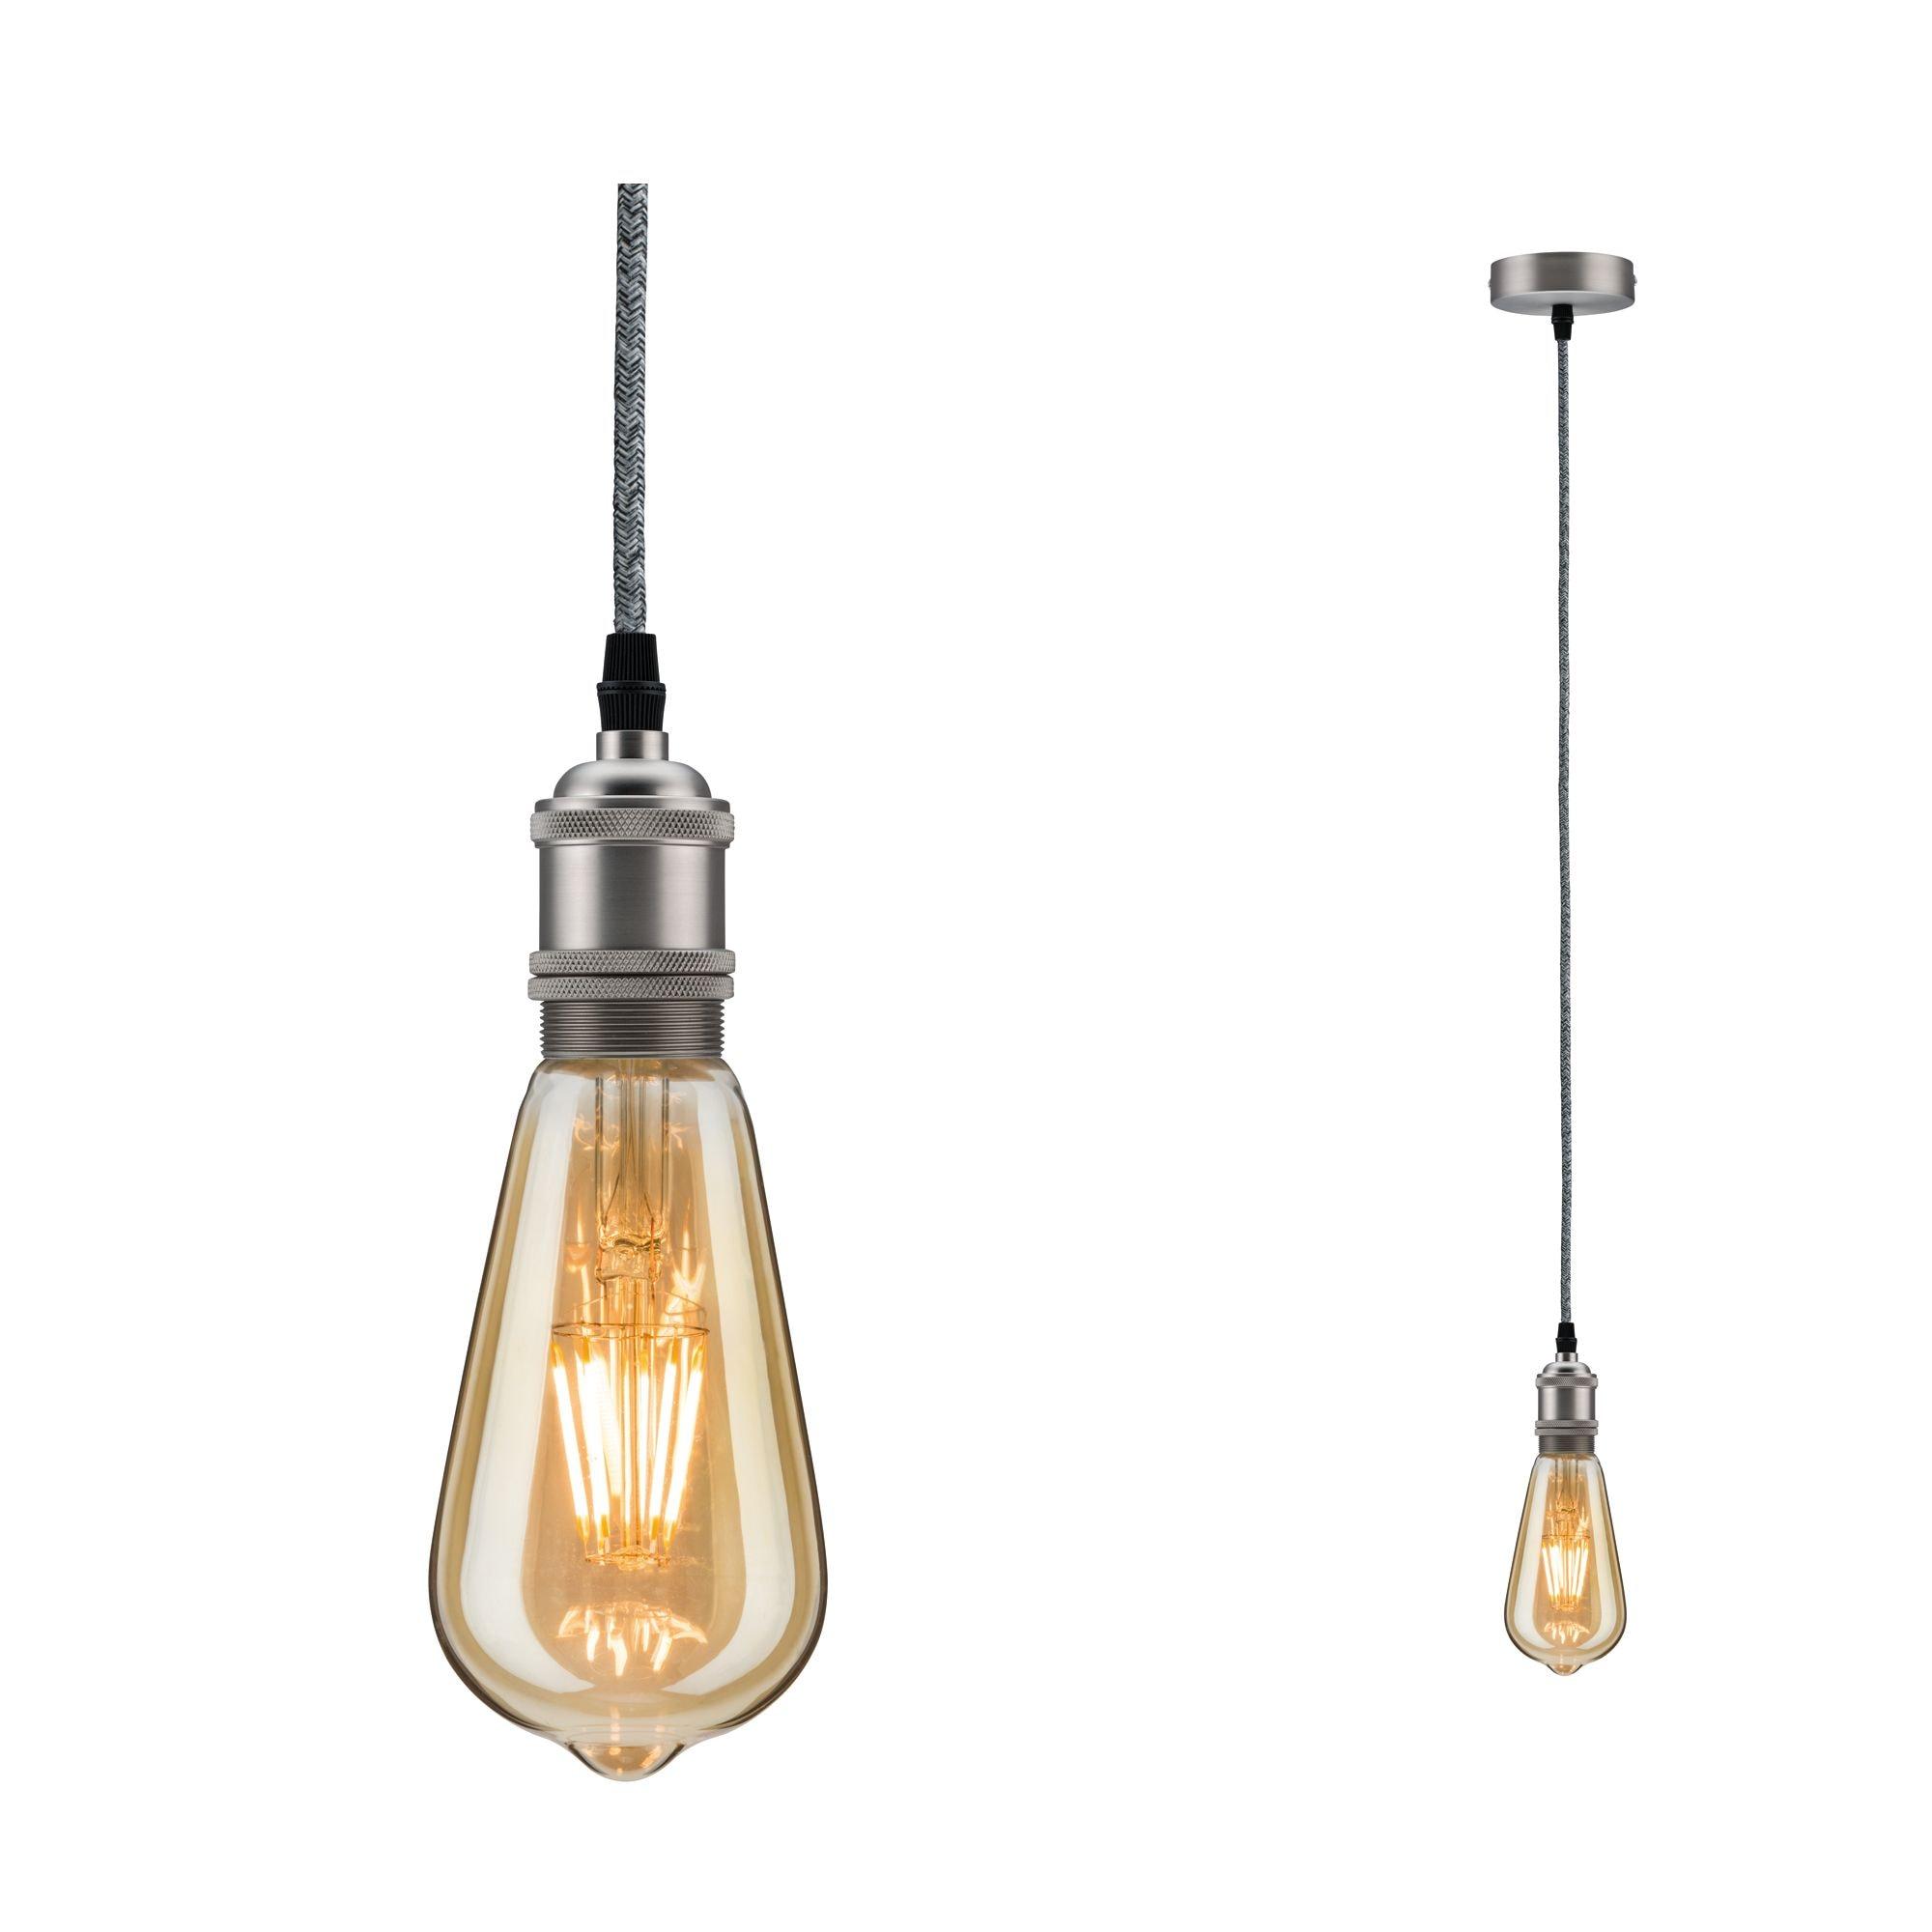 Paulmann LED Pendelleuchte Neordic Eldar max1x20W E27 Grau/Nickel geb 230V Metall, E27, 1 St.